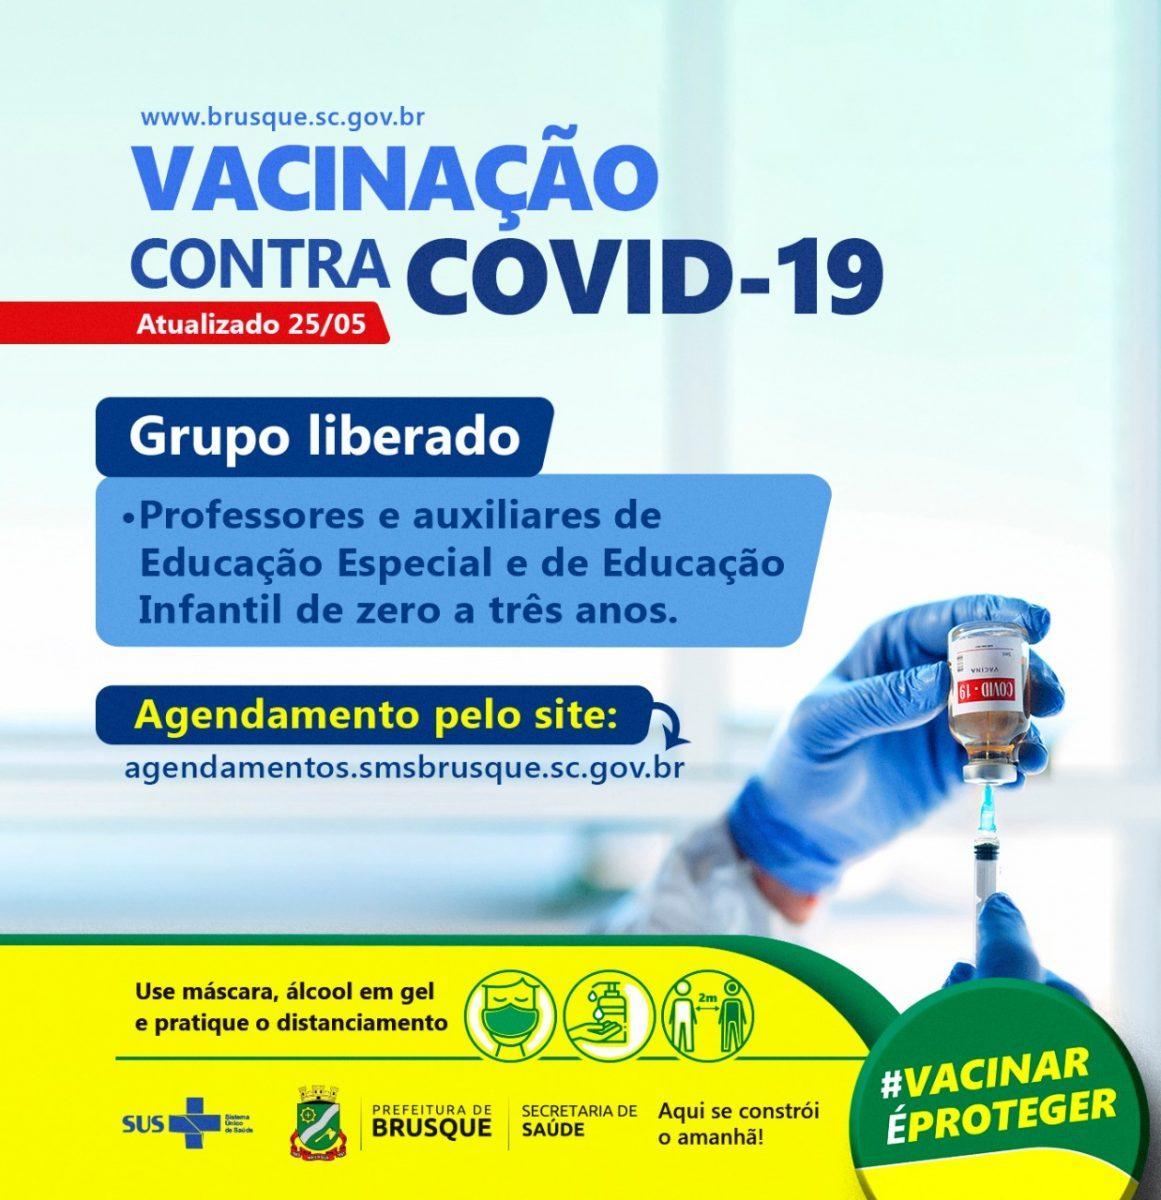 Covid-19: Aberto agendamento para vacinação de profissionais de educação